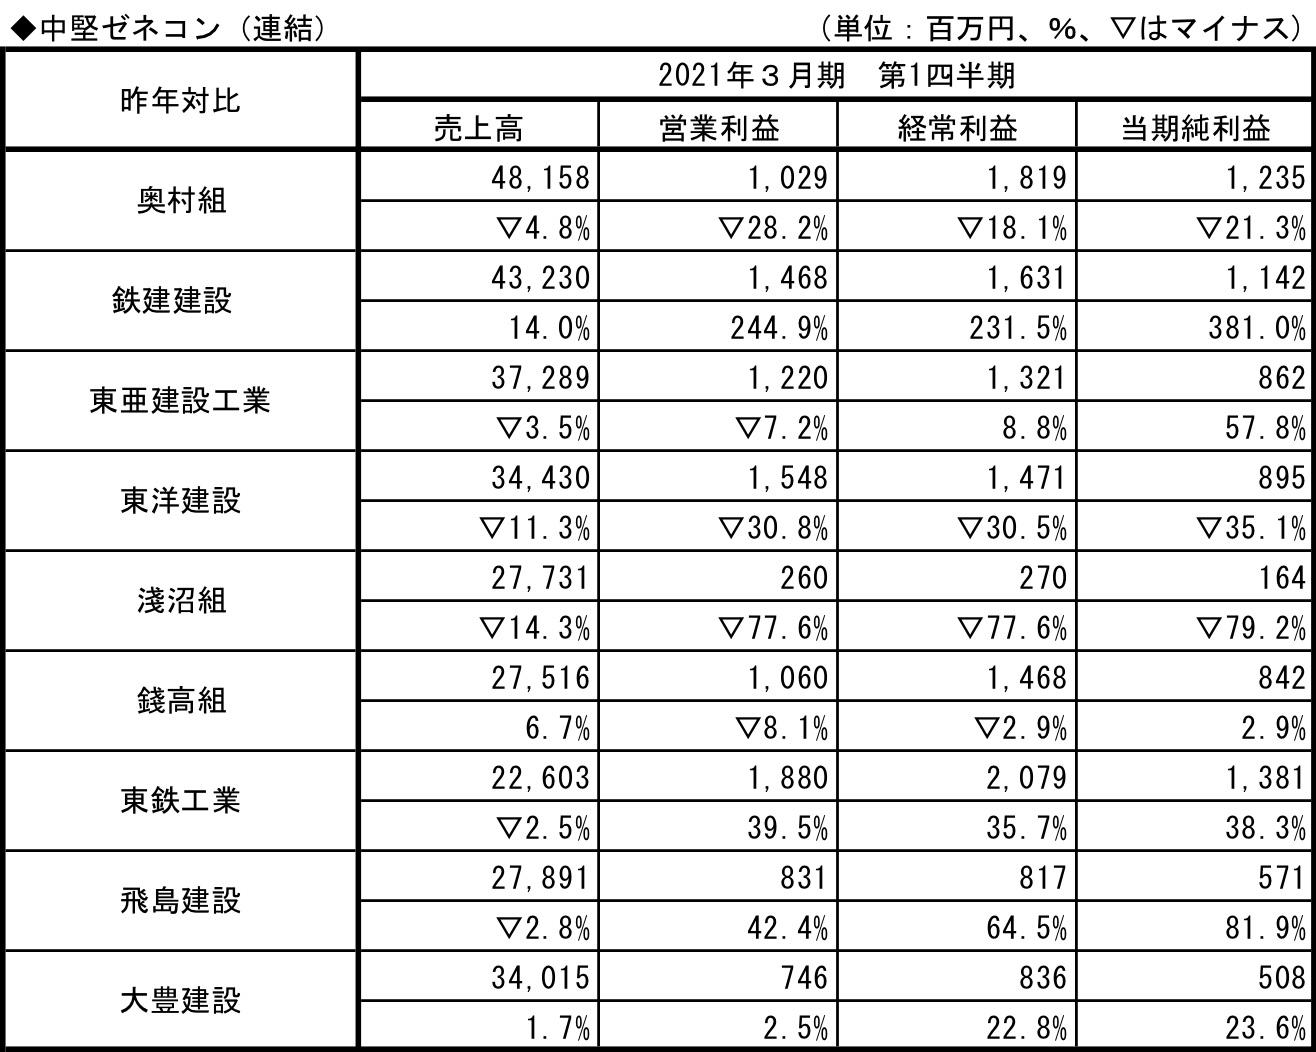 中堅ゼネコン2021.3.q1